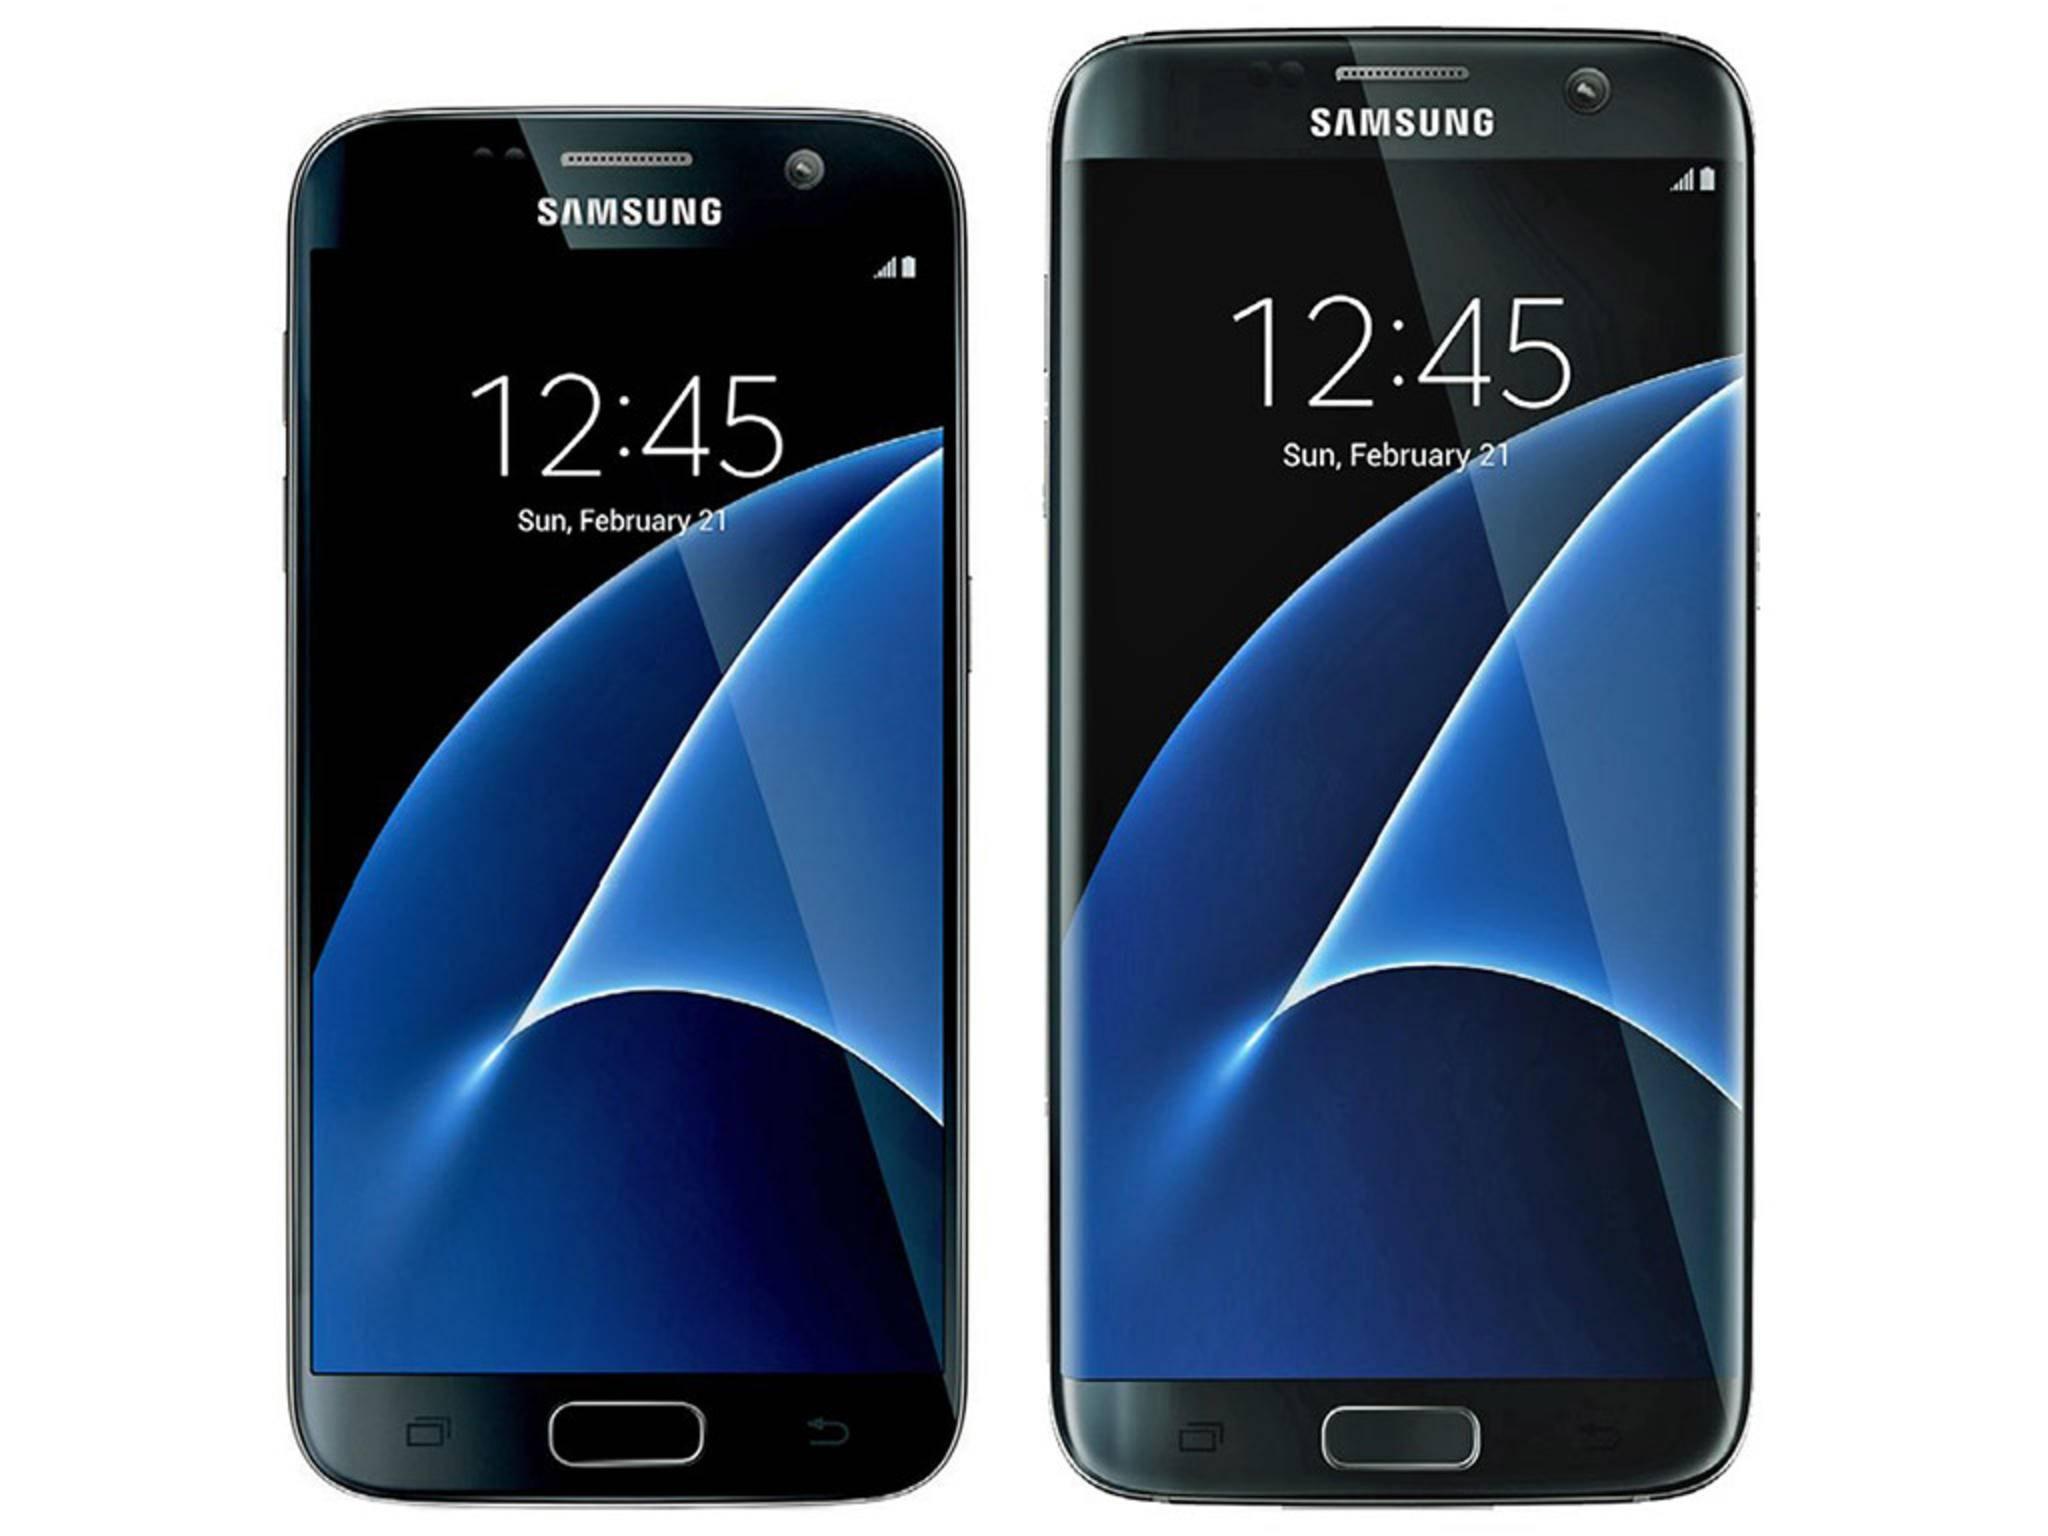 Links das Galaxy S7 mit 5,1 Zoll und rechts das Galaxy S7 edge mit 5,5 Zoll-Bildschirm.